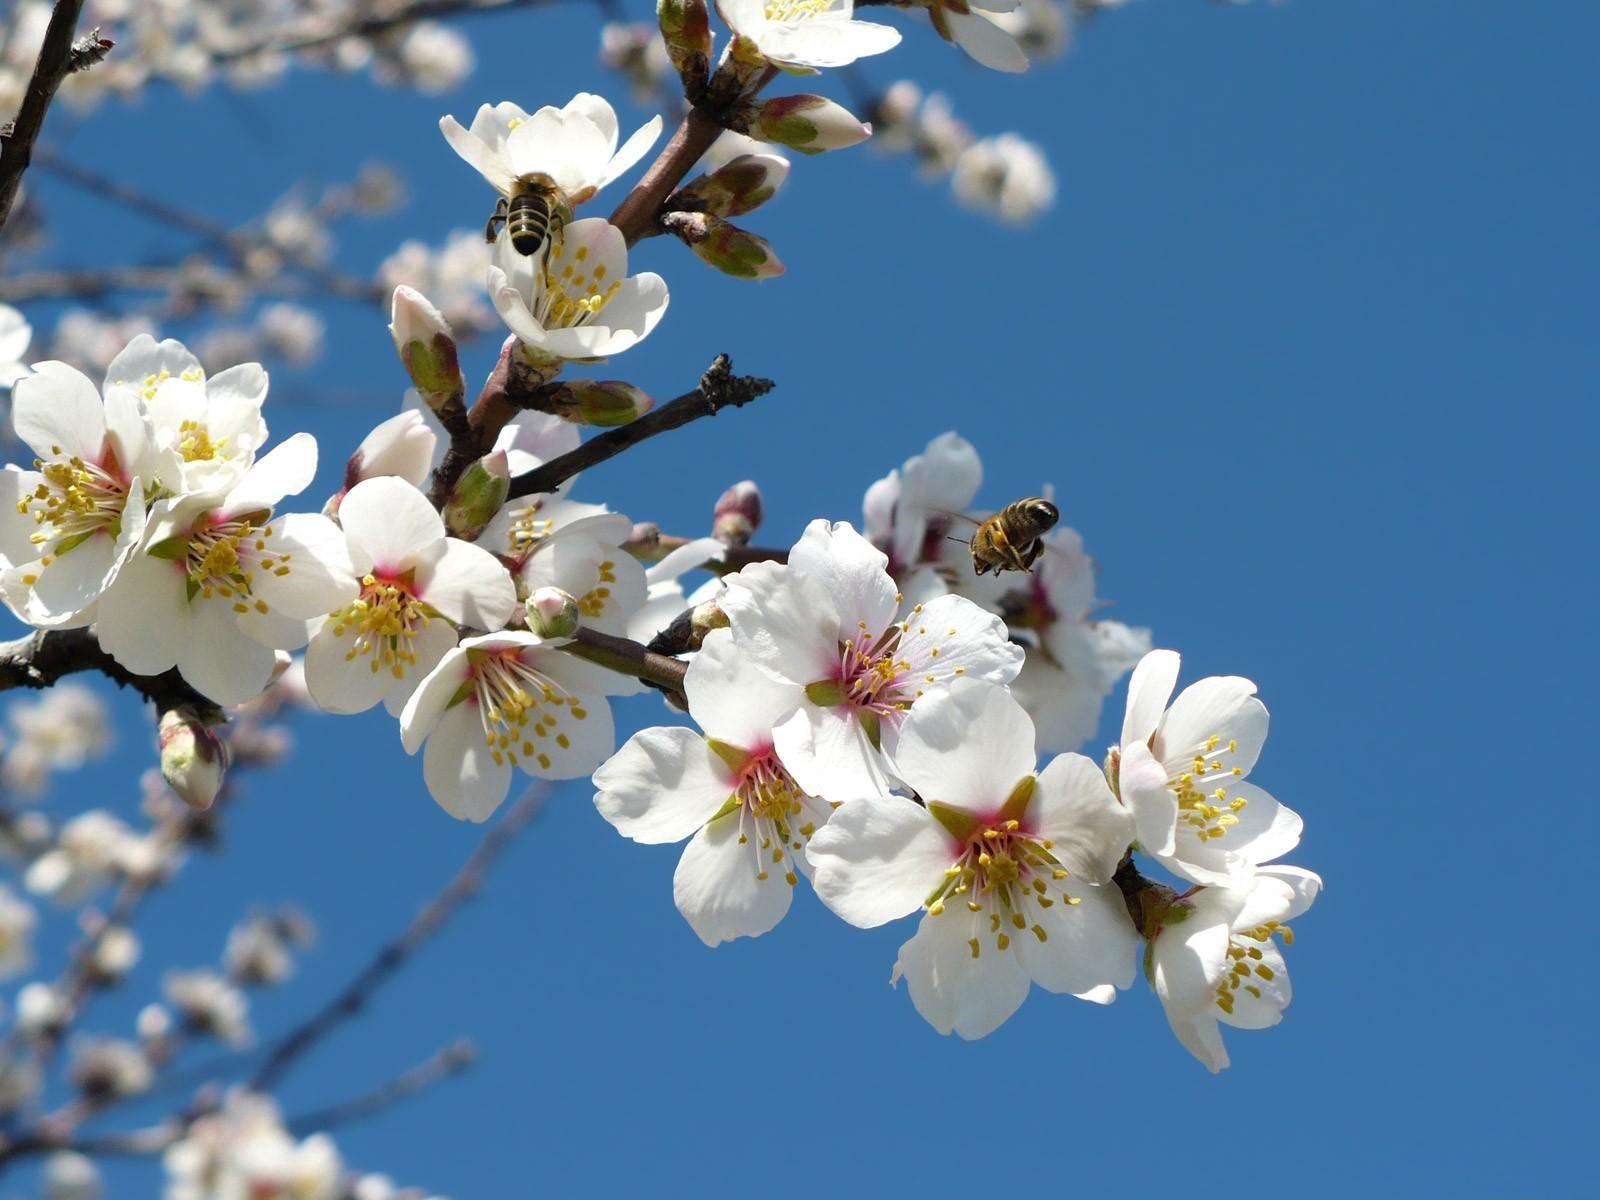 55081 Hintergrundbild herunterladen Blumen, Sky, Bienen, Geäst, Zweige, Blühen, Blühenden, Frühling, Bestäubung - Bildschirmschoner und Bilder kostenlos